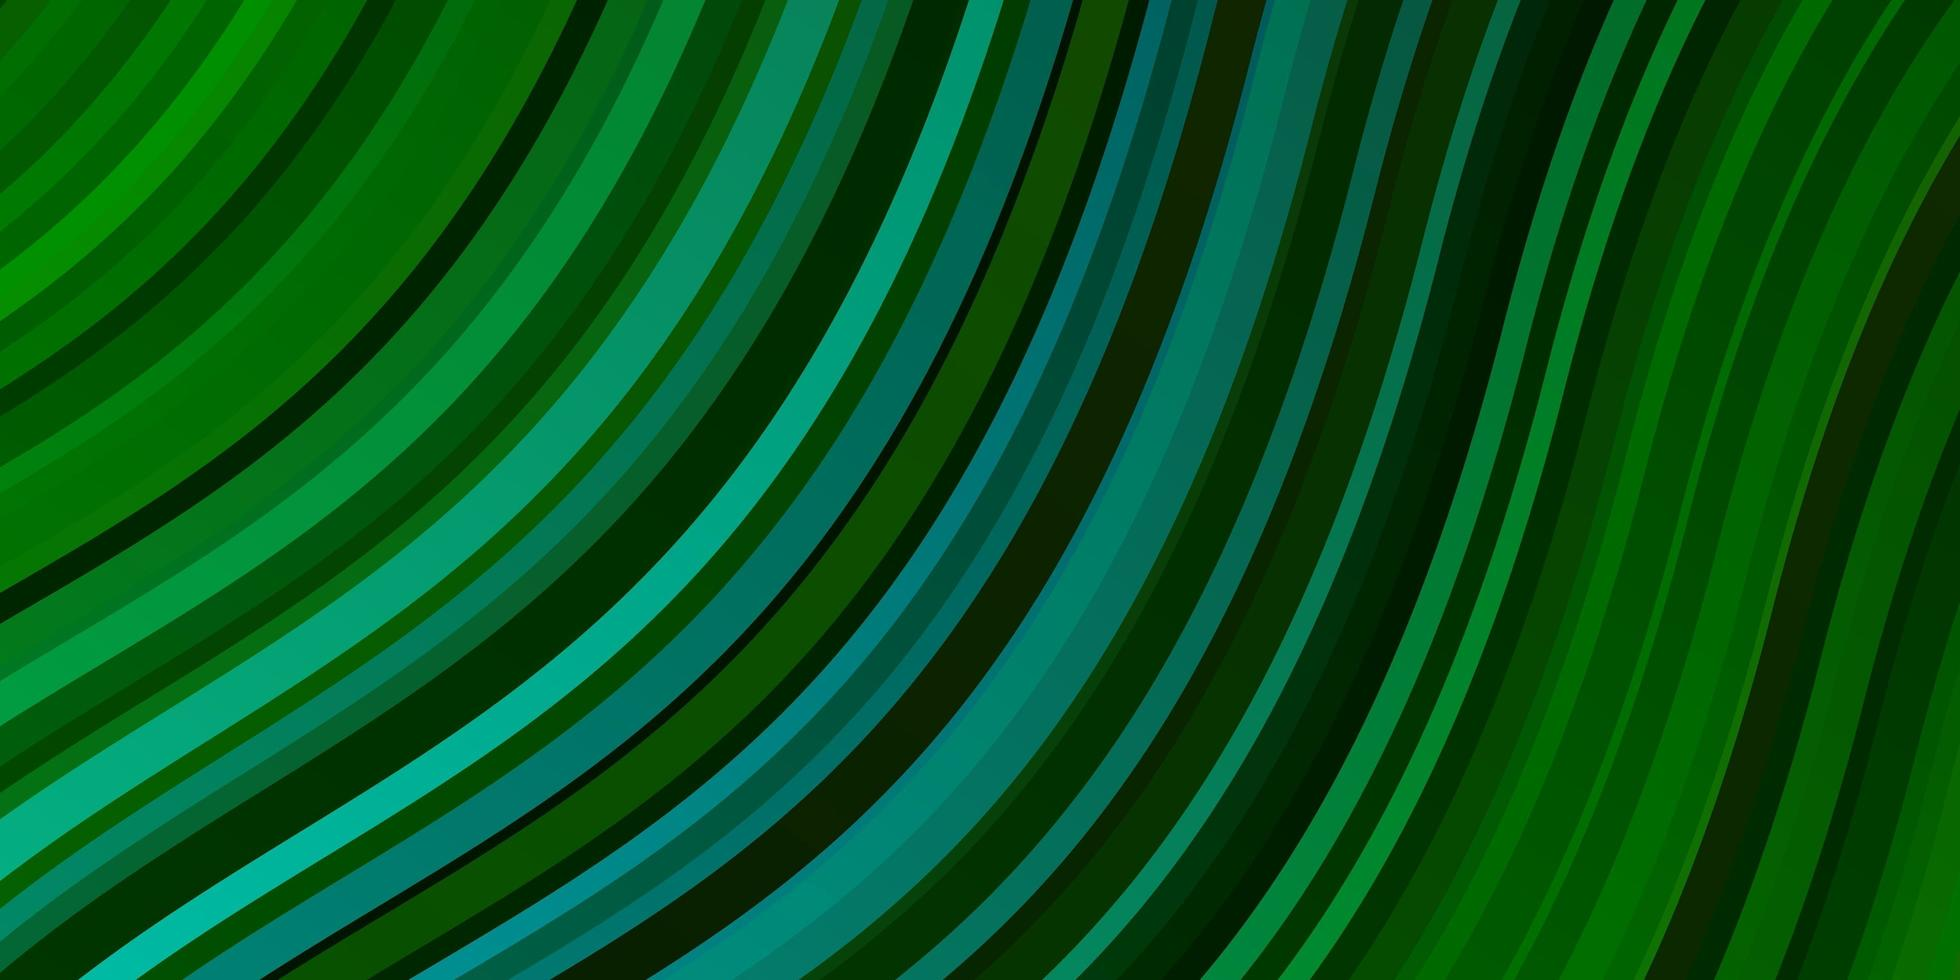 groene achtergrond met lijnen. vector